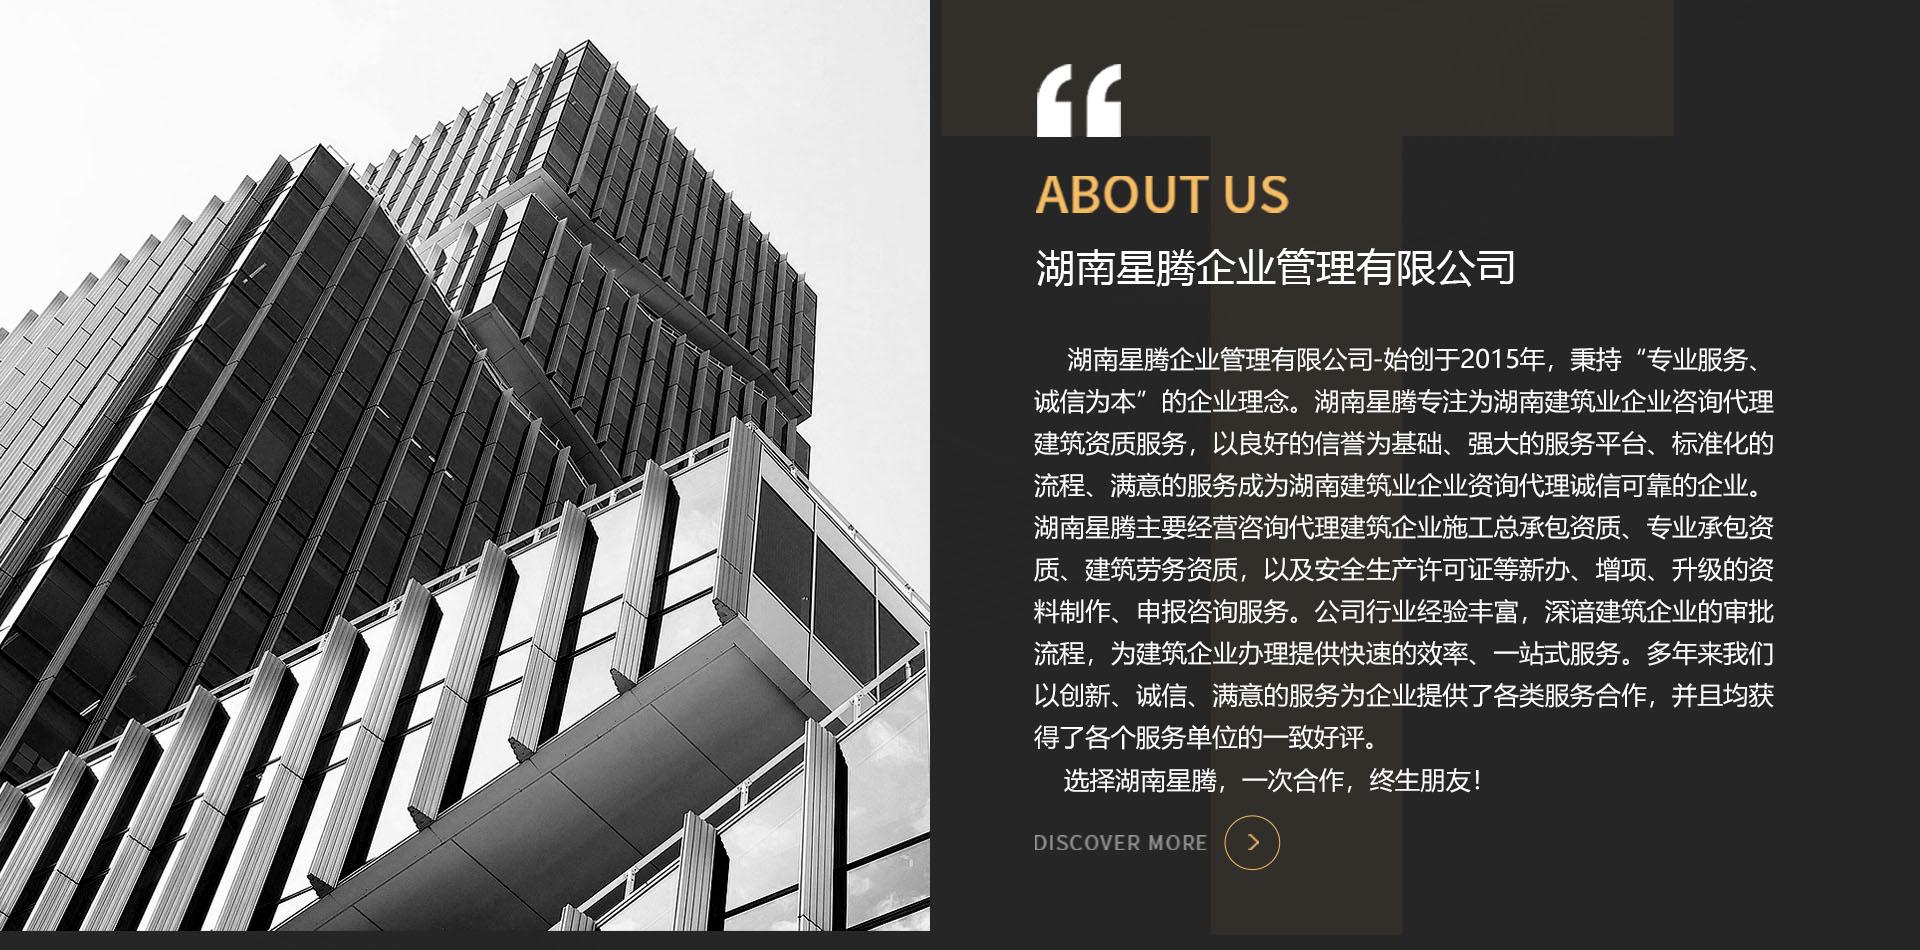 湖南劳务资质代办,湖南建筑资质代办公司,湖南资质代办公司-湖南星腾企业管理有限公司